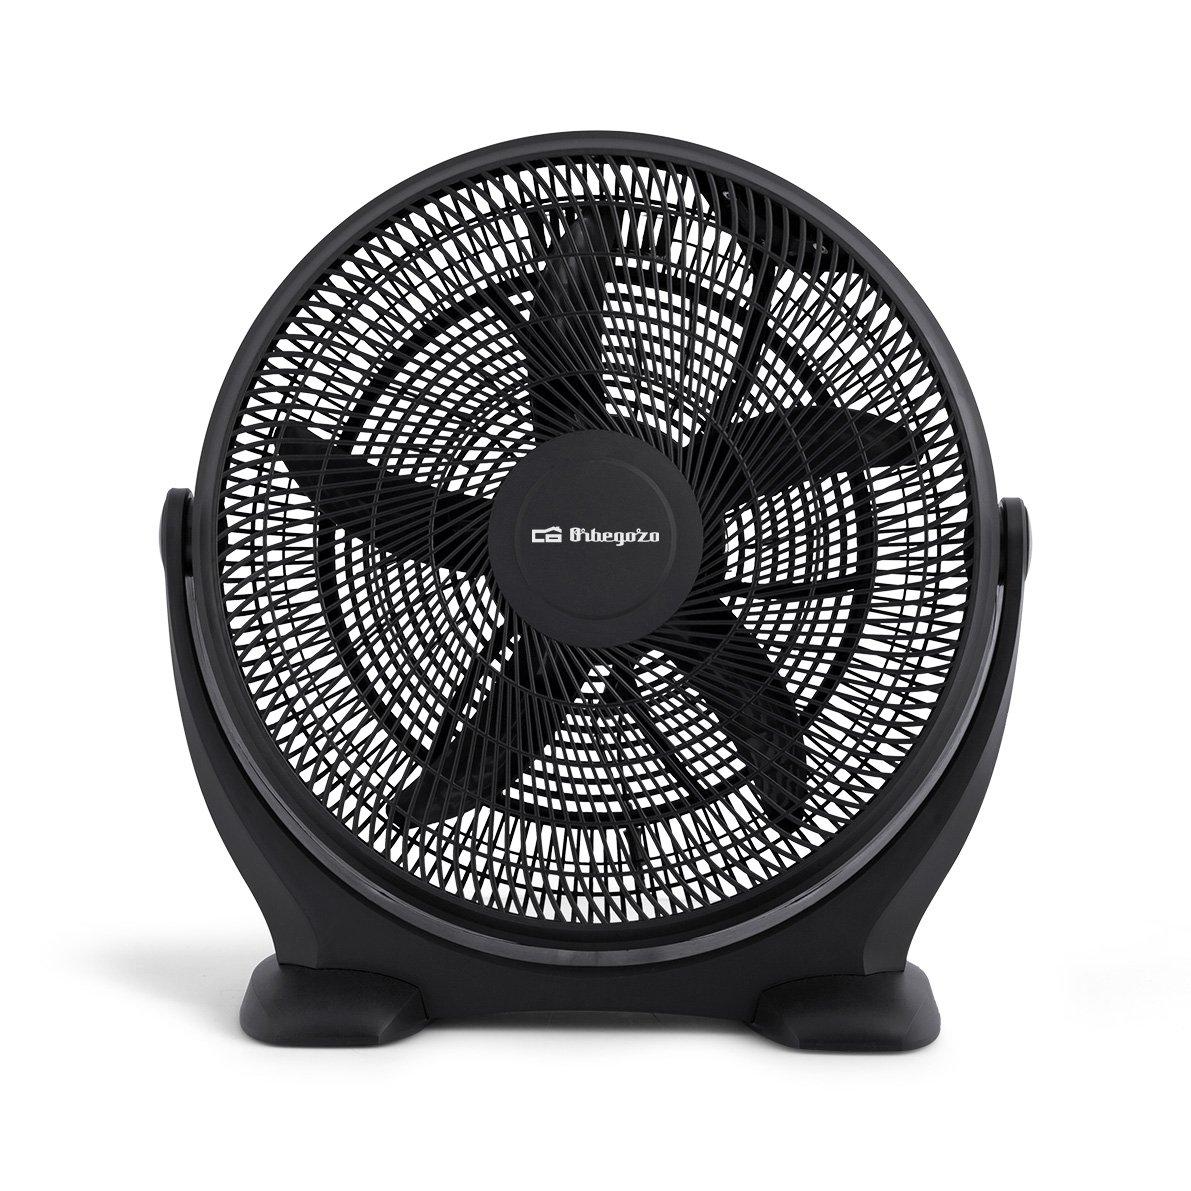 Orbegozo BF 0150 - Ventilador de suelo estilo industrial, 3 velocidades de ventilación, inclinación regulable, 50 cm de diámetro y potencia de 80 W: ...